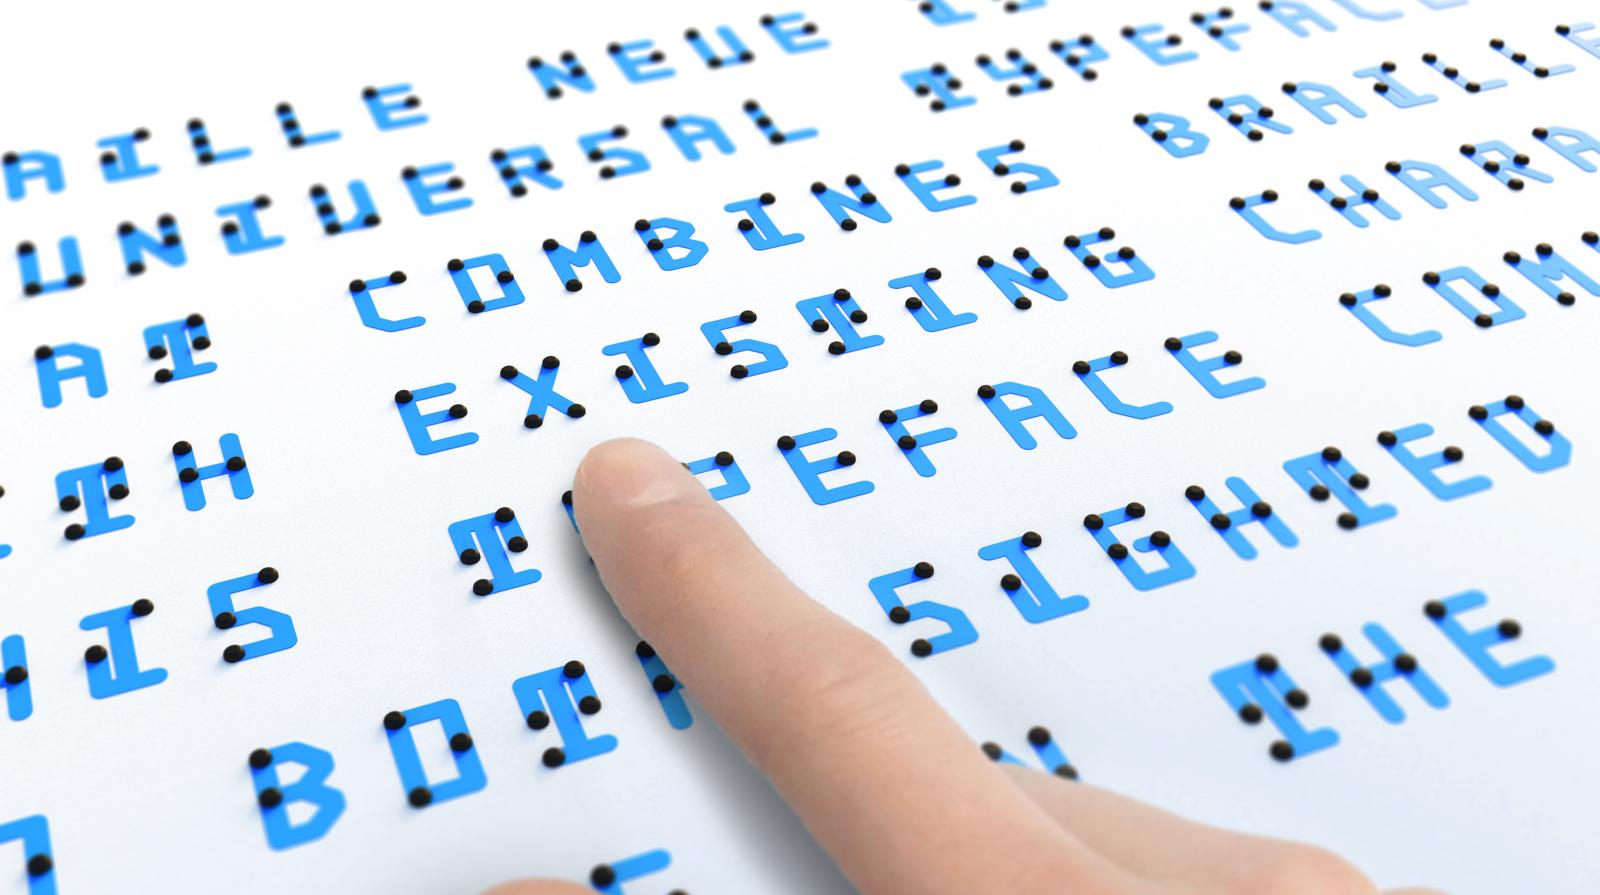 Braille Neue แบบอักษรเพื่อความเท่าเทียม สำหรับผู้ที่มีสายตาดีและผู้พิการทางสายตา